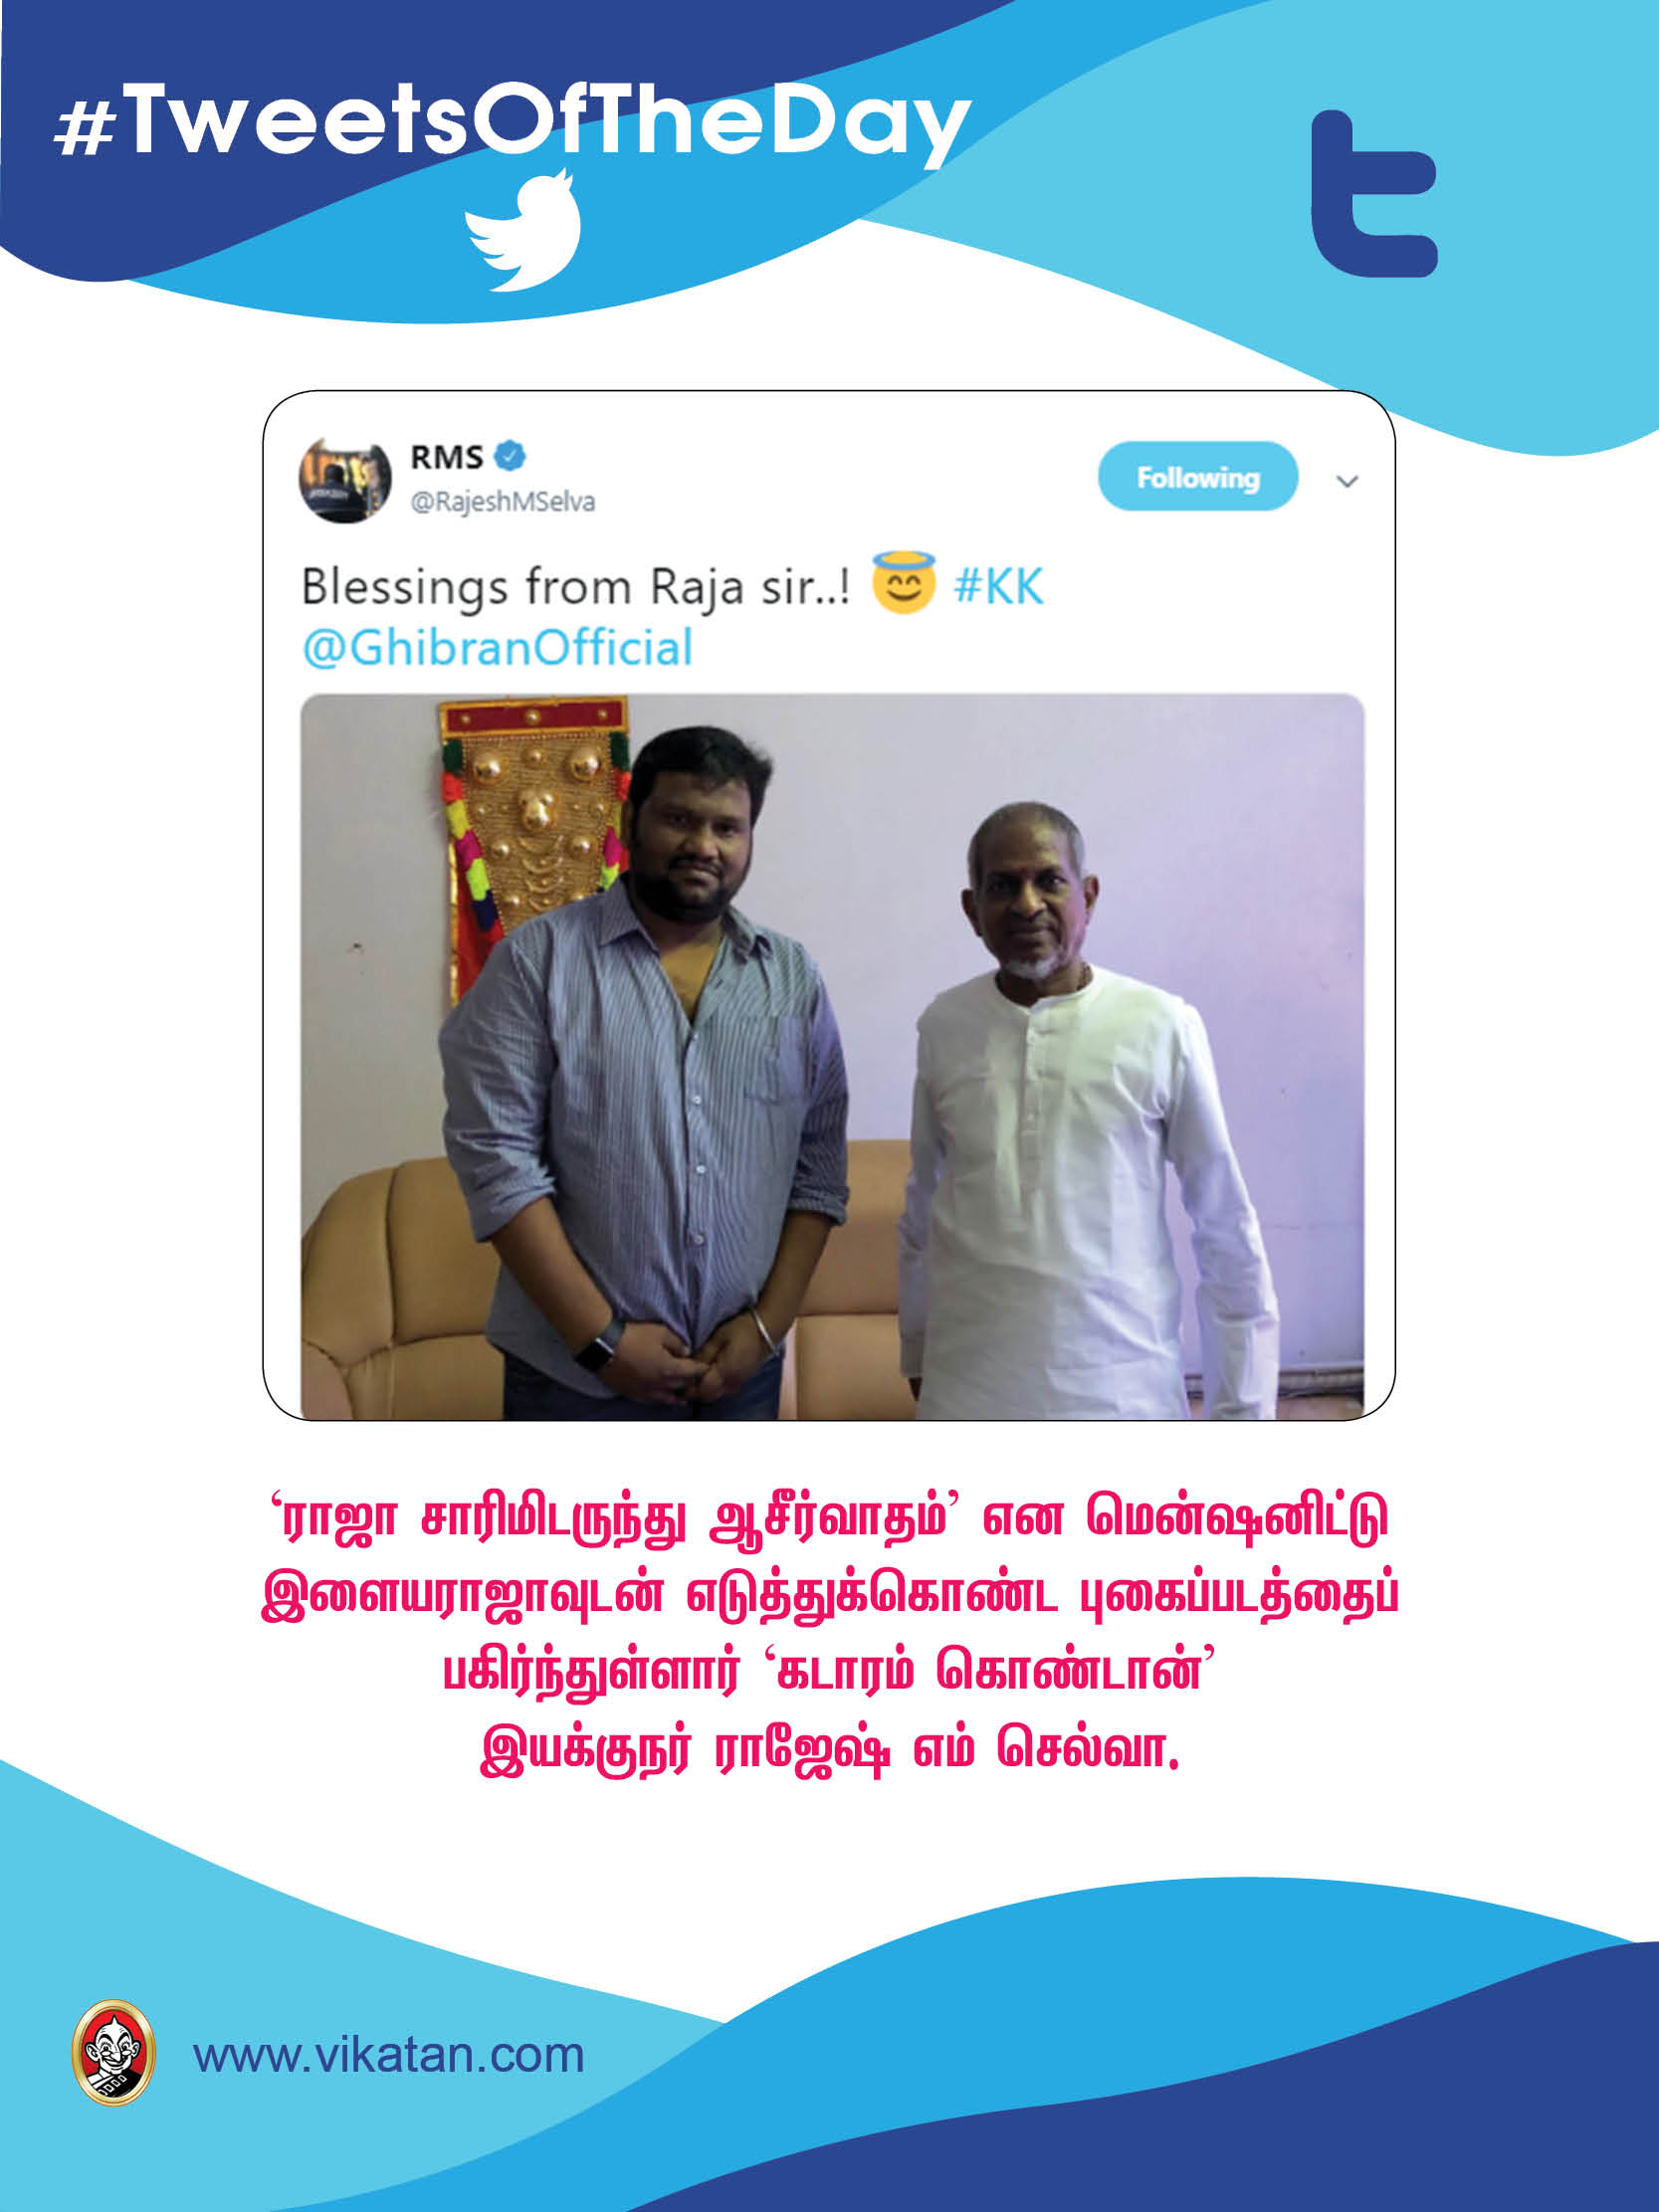 'டியர்' யுவன்; 'பிக் ப்ரதர்' மோகன்லால்! #TweetsOfTheDay